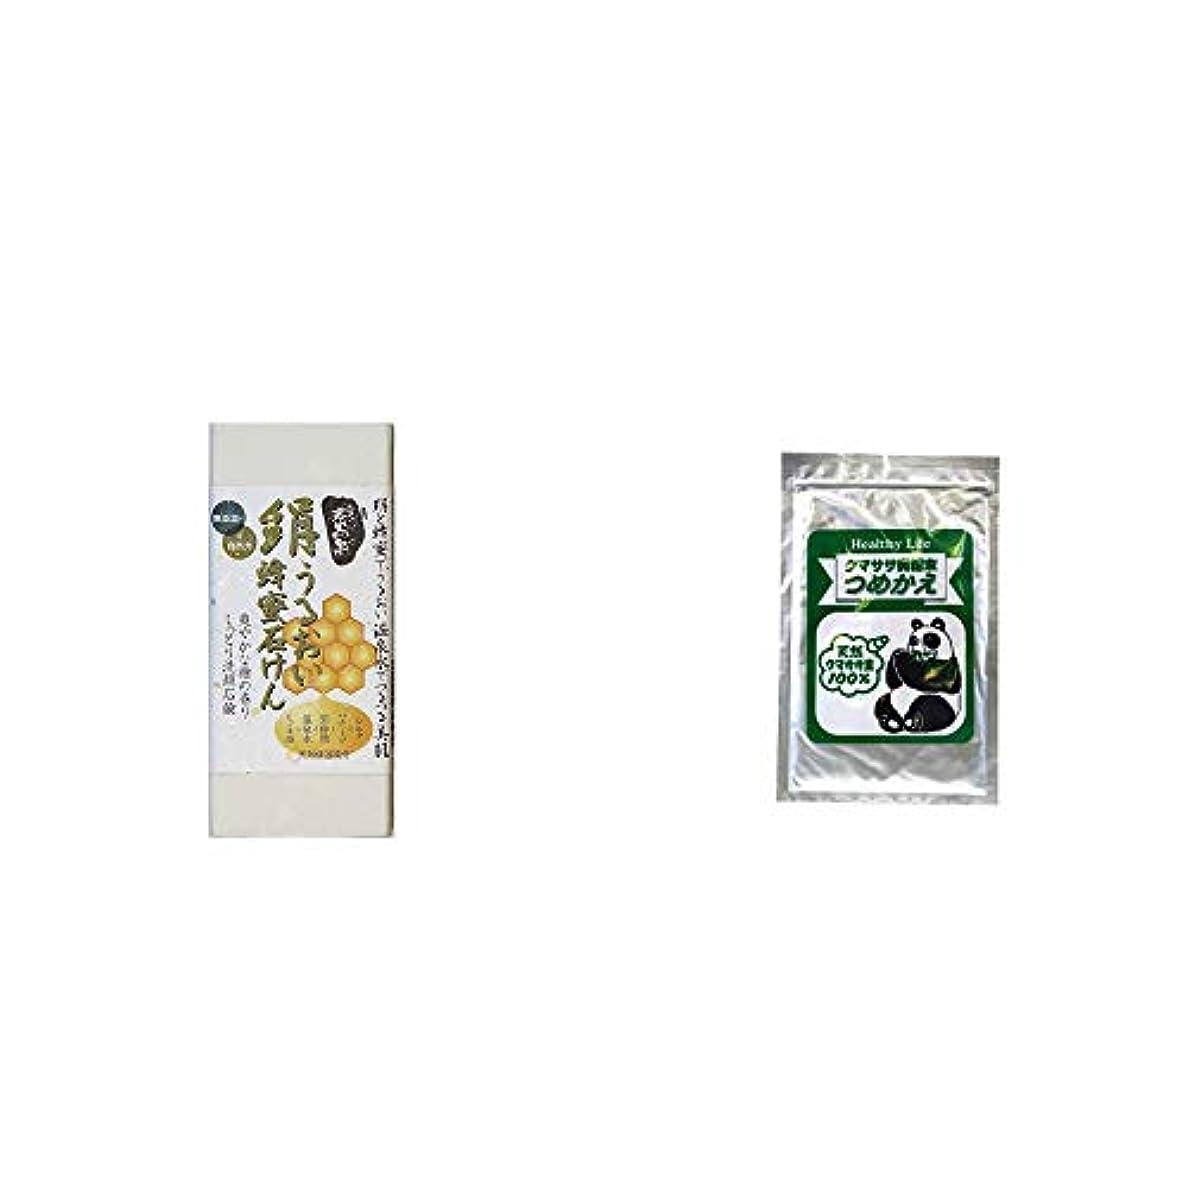 僕の遅い浸した[2点セット] ひのき炭黒泉 絹うるおい蜂蜜石けん(75g×2)?木曽産 熊笹100% クマササ微粉末 詰め替え用 (60g)